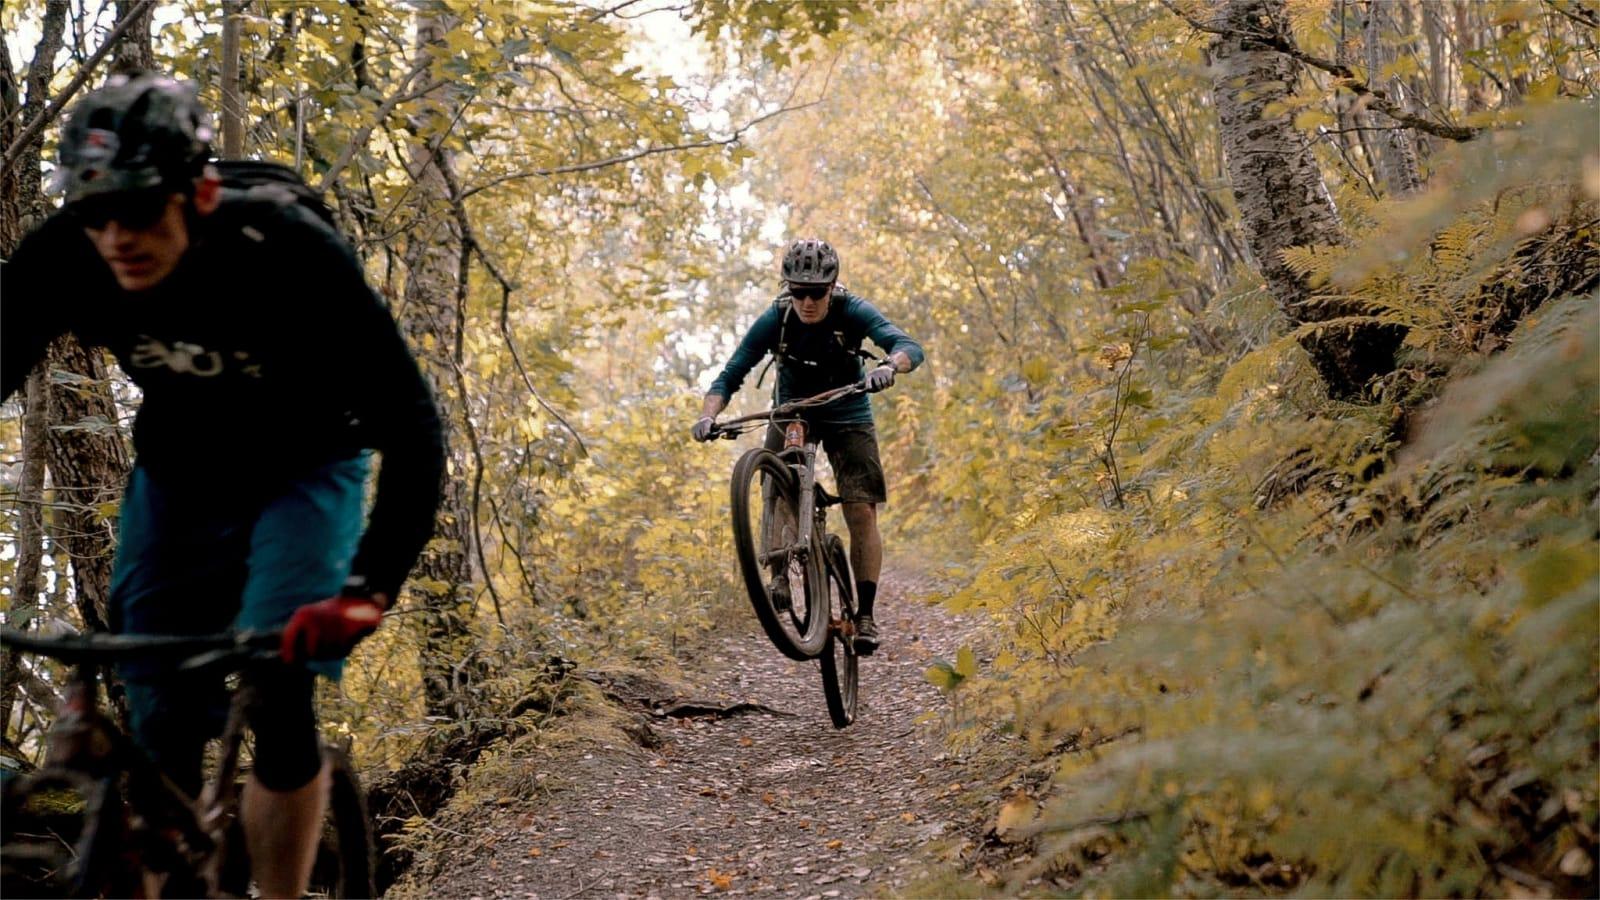 HJEM, KJÆRE TRONDHJEM: Henrik Kippernes er hjemme på gamle trakter med sykkelkompis Ola Kjøren. I sesongens siste episode av Stipatruljen skal vi bli med på Geitfjellet i Trondheim.